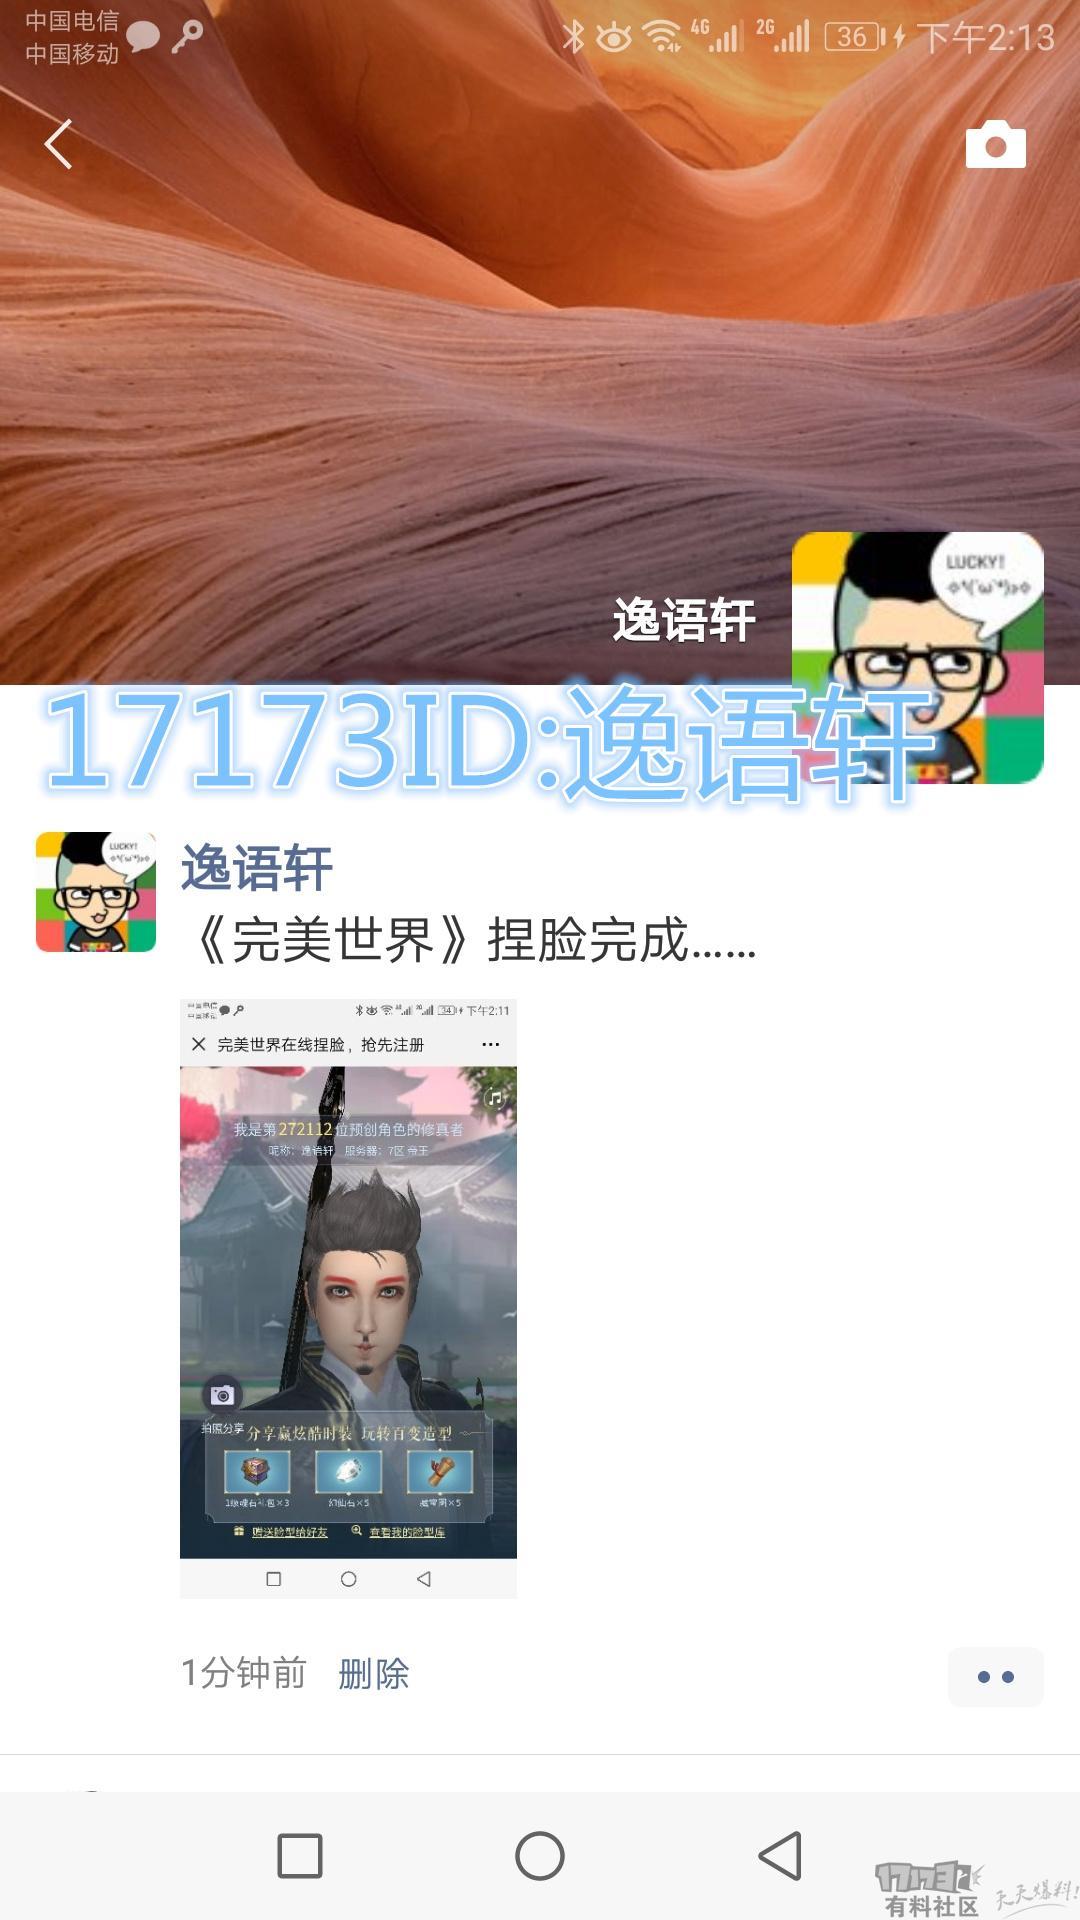 Screenshot_20190222-141341_副本.jpg